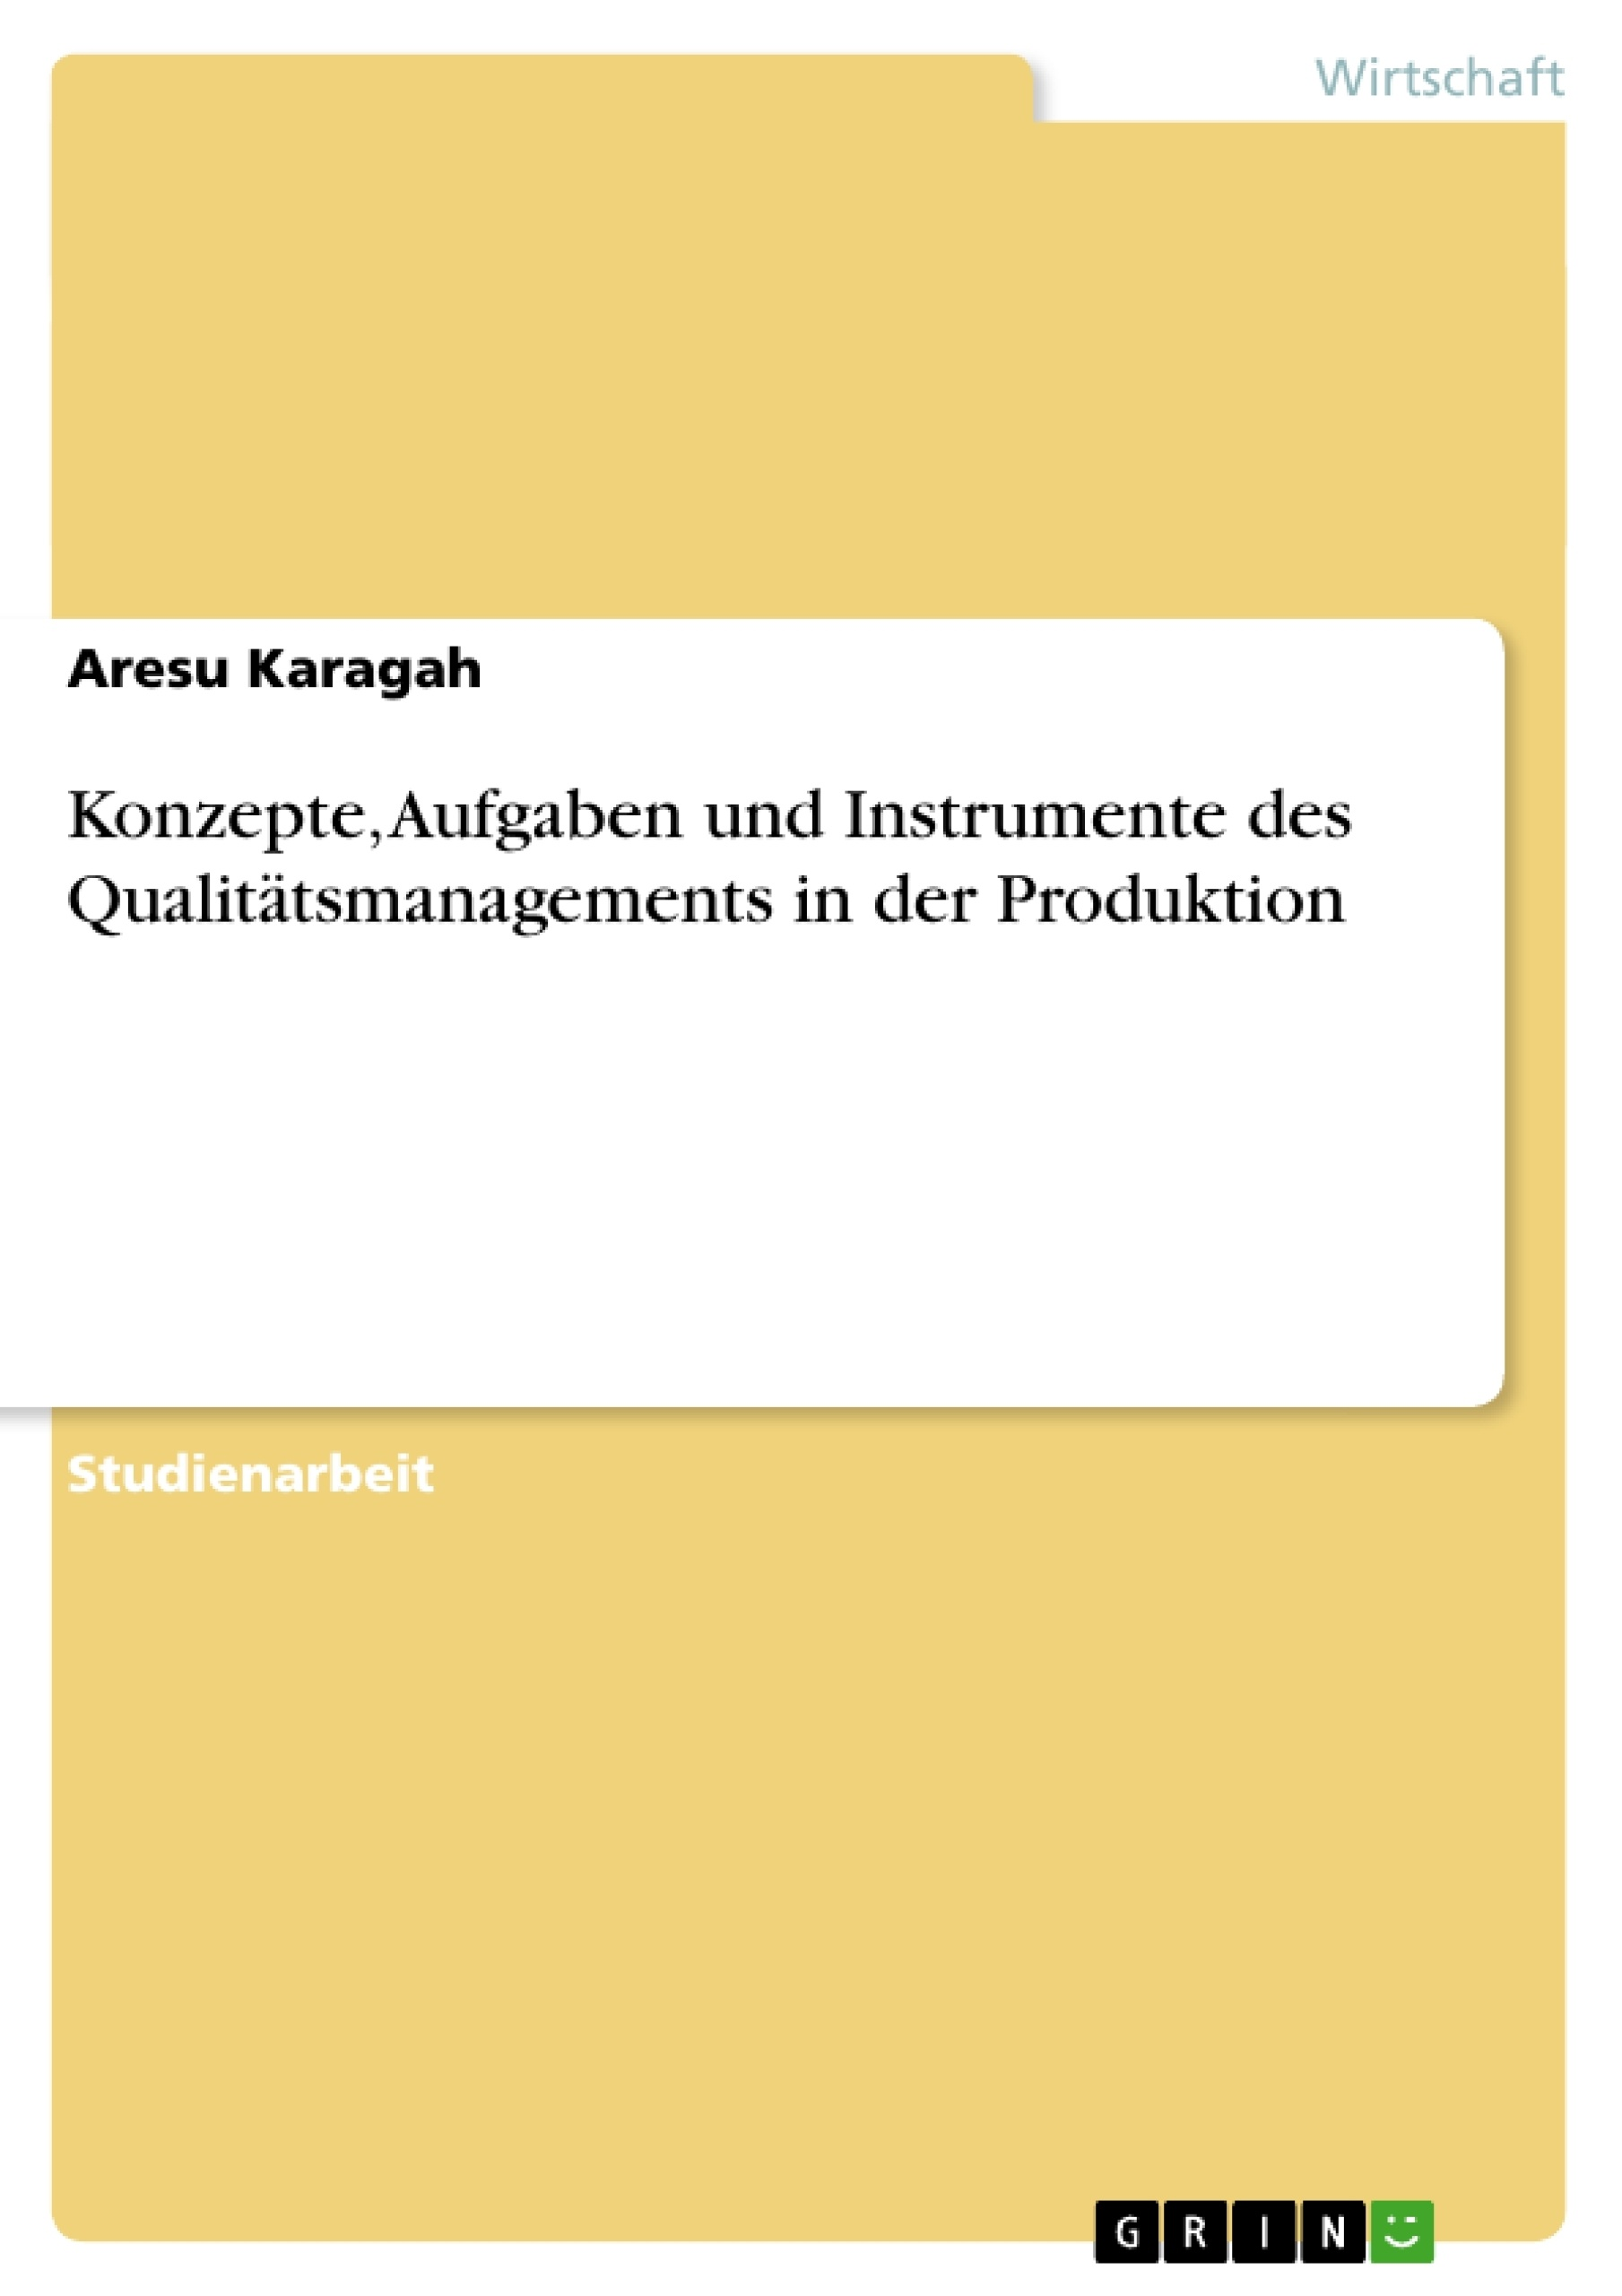 Titel: Konzepte, Aufgaben und Instrumente des Qualitätsmanagements in der Produktion